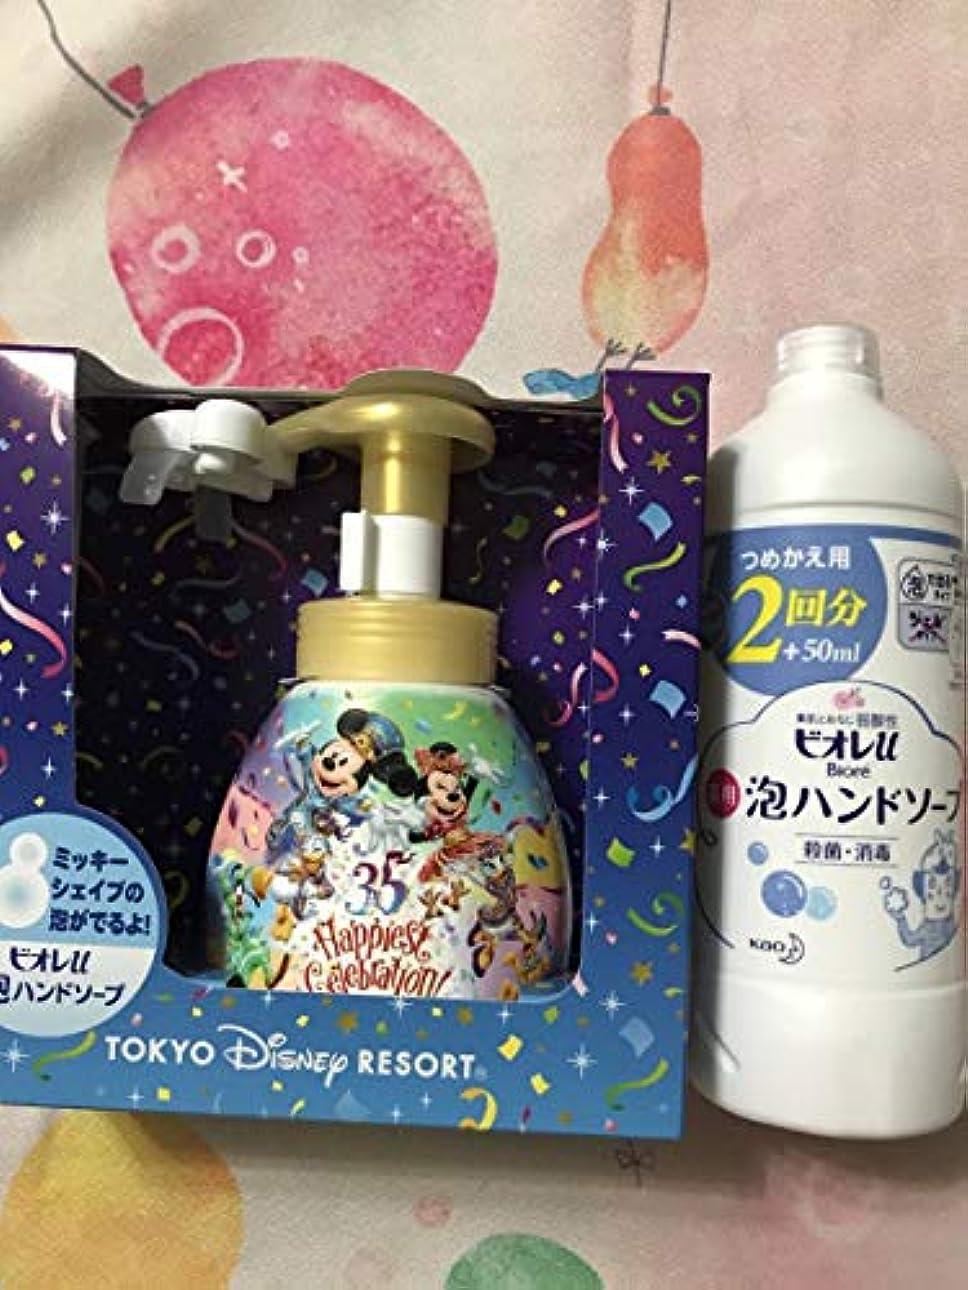 完全に聴覚障害者情熱ミッキー シェイプ ハンドソープ 東京 ディズニー リゾート 35周年 記念 石鹸 ビオレU 詰め替え 付き